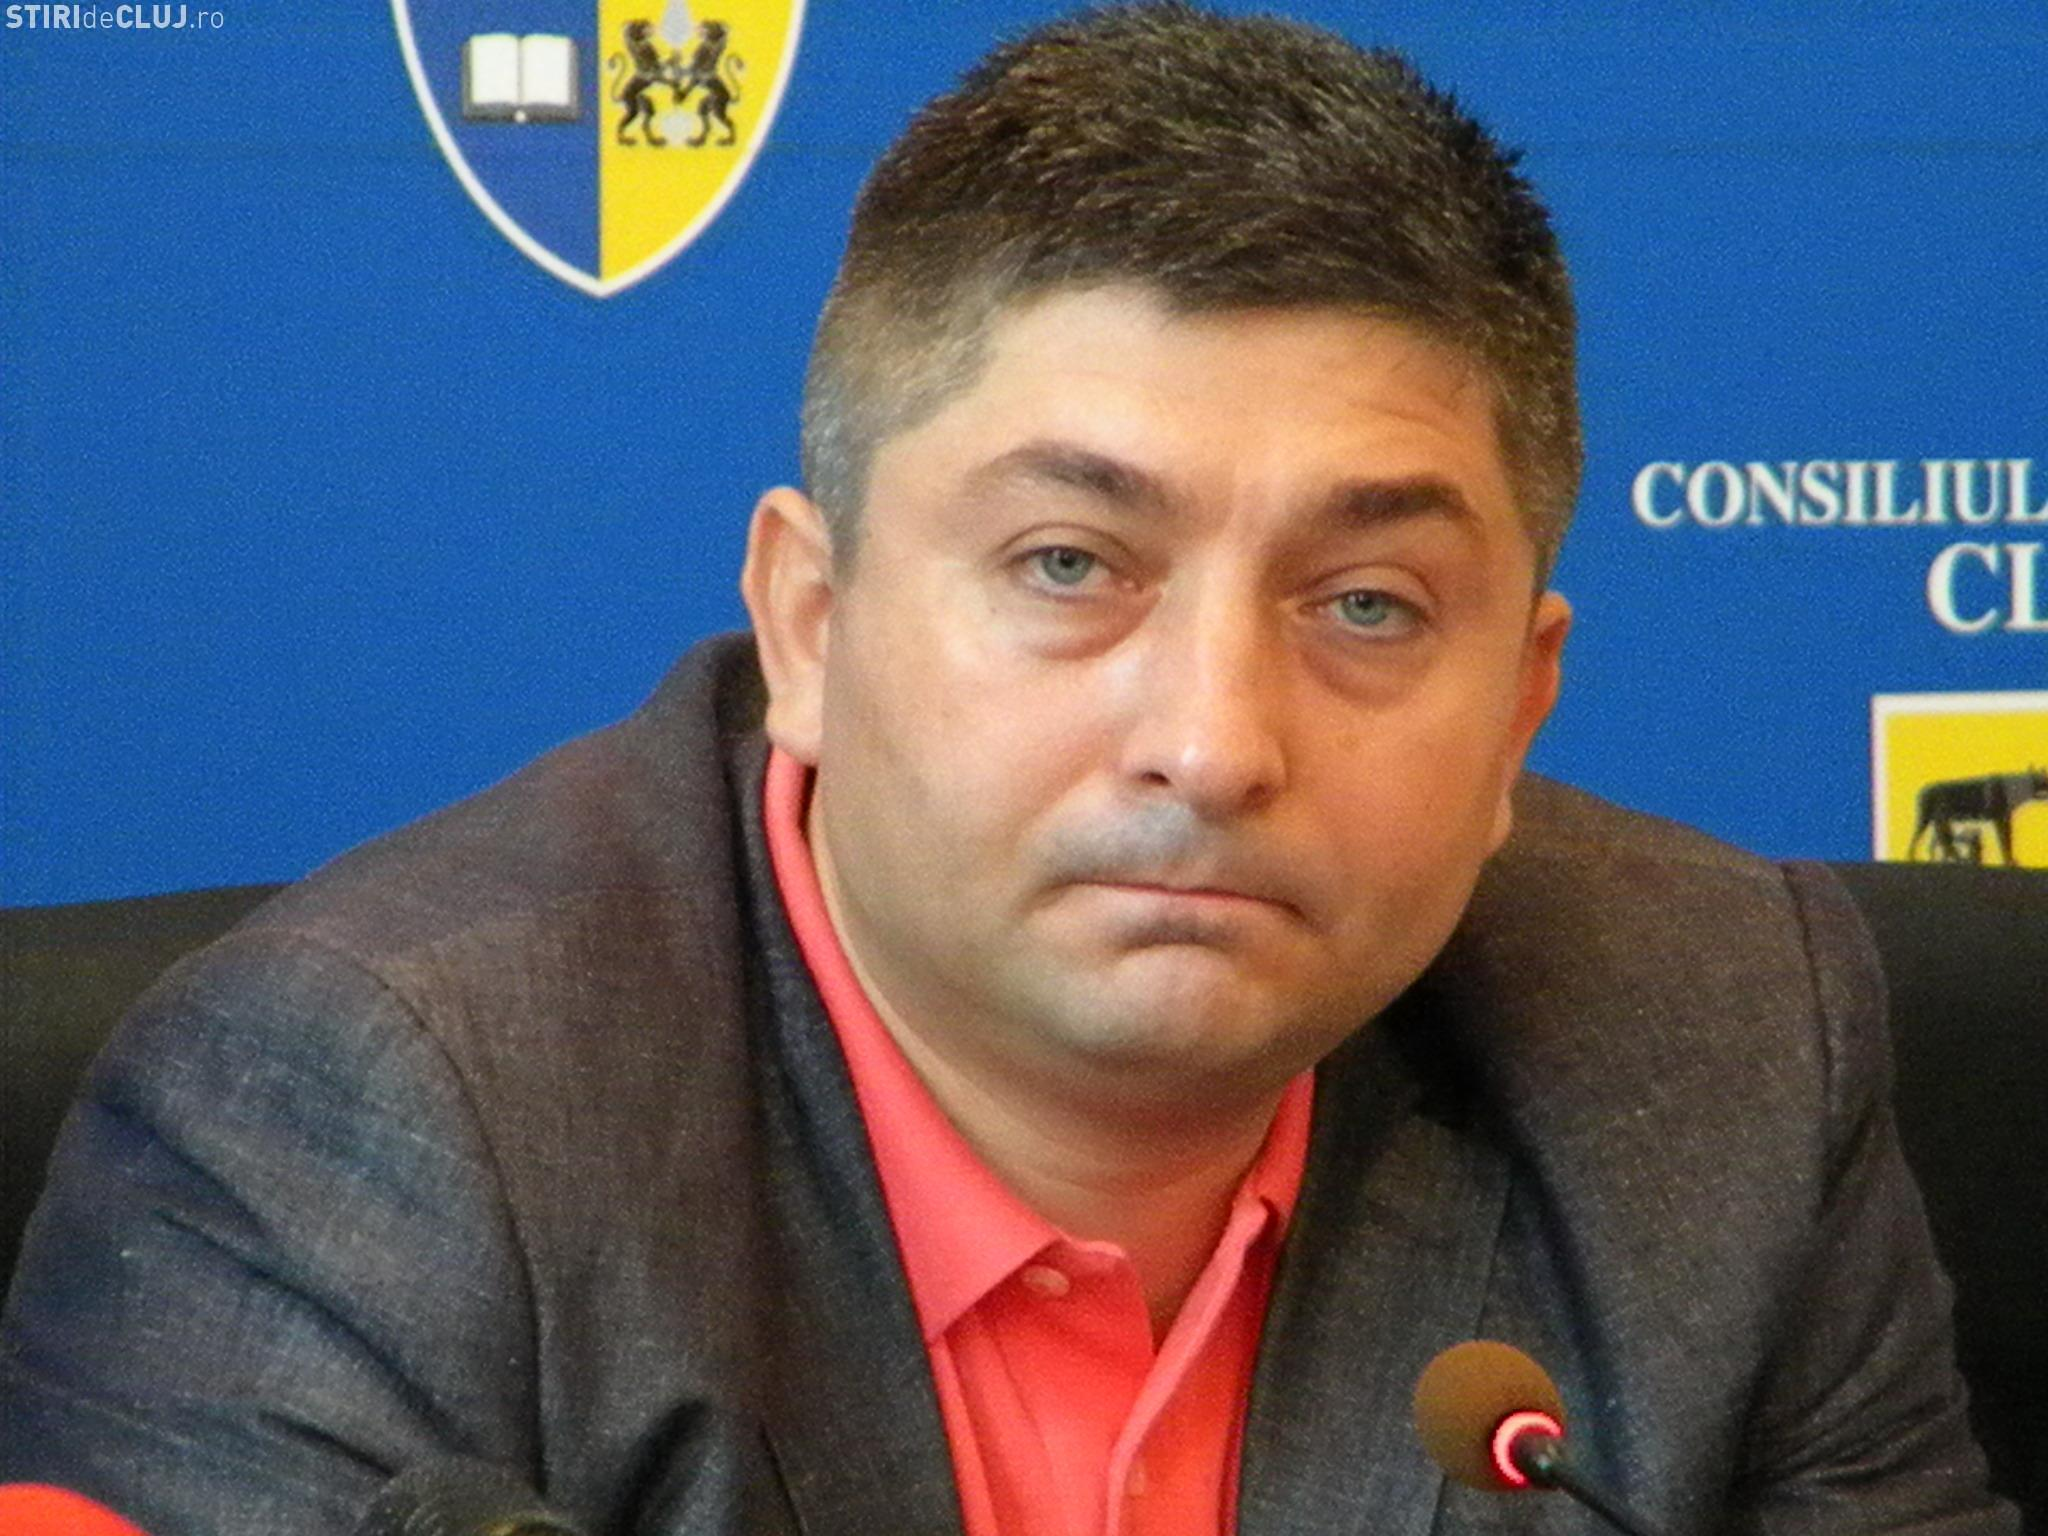 PSD îl acuză pe Alin Tișe: Din declarația de avere lipsesc 225.000 de euro